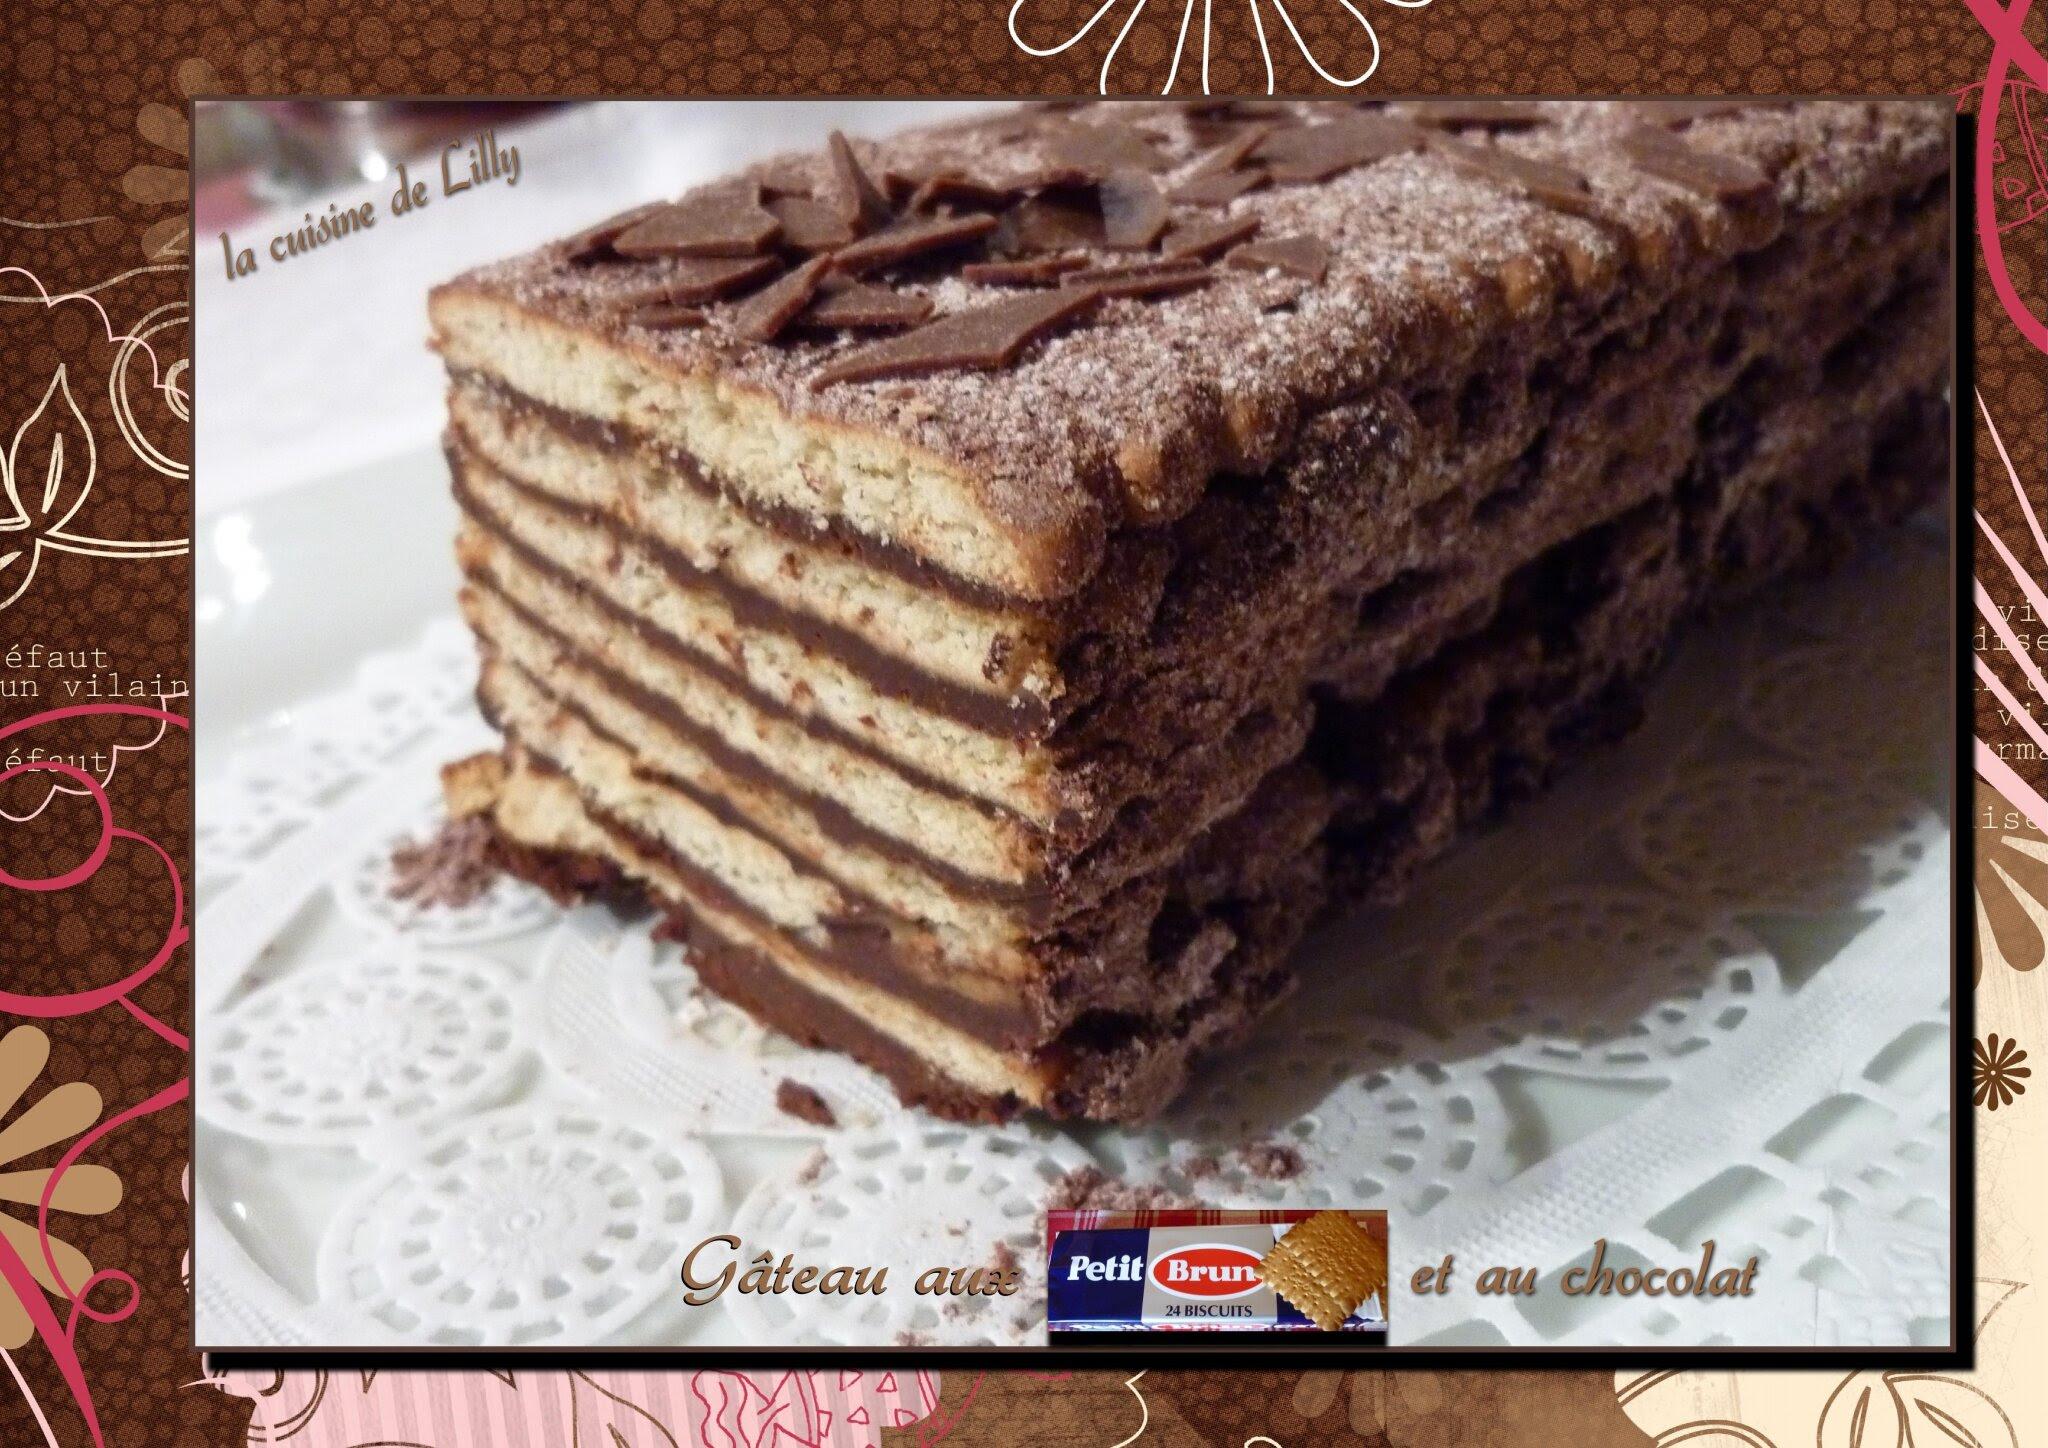 Gâteau aux Petit Brun et au chocolat - La cuisine de Lilly